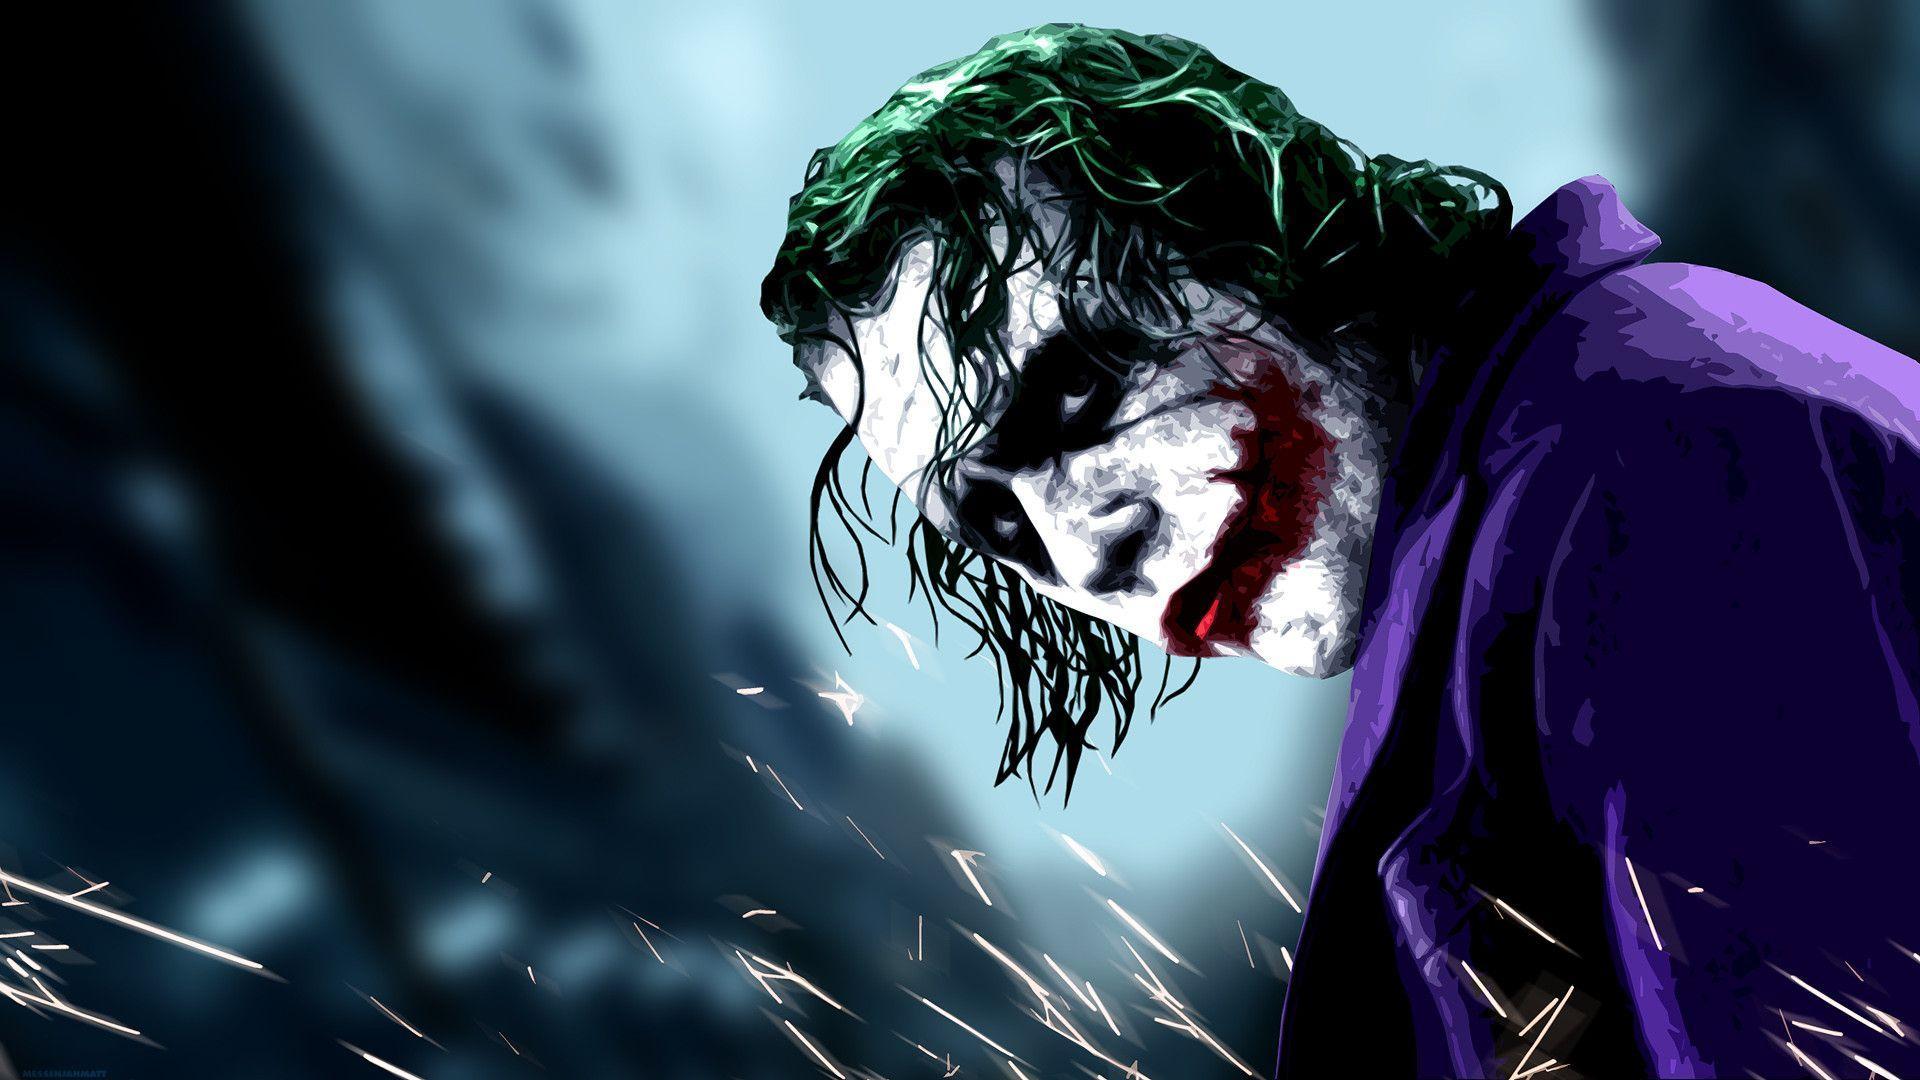 joker backgrounds